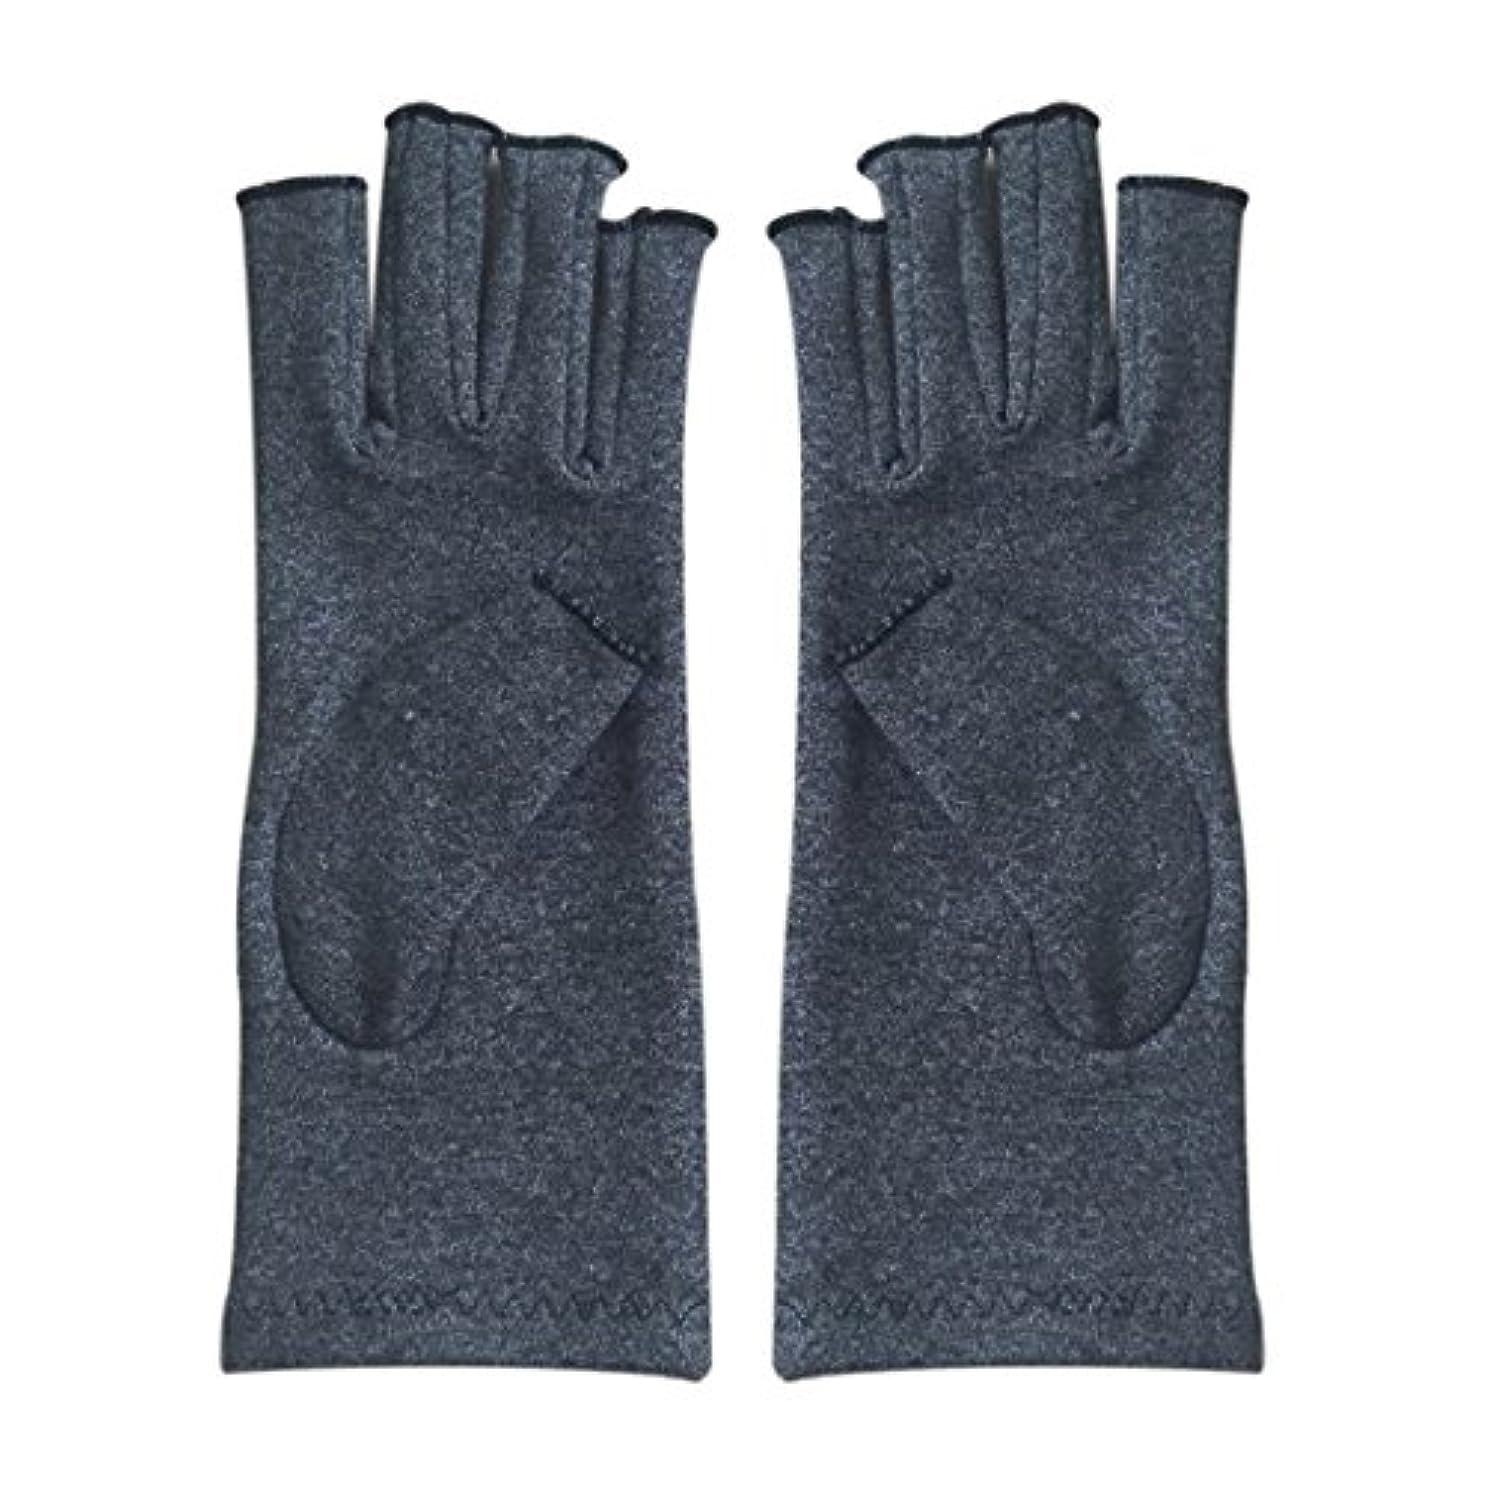 苦悩名義で火山SODIAL 1ペア成人男性女性用弾性コットンコンプレッション手袋手関節炎関節痛鎮痛軽減M - 灰色、M